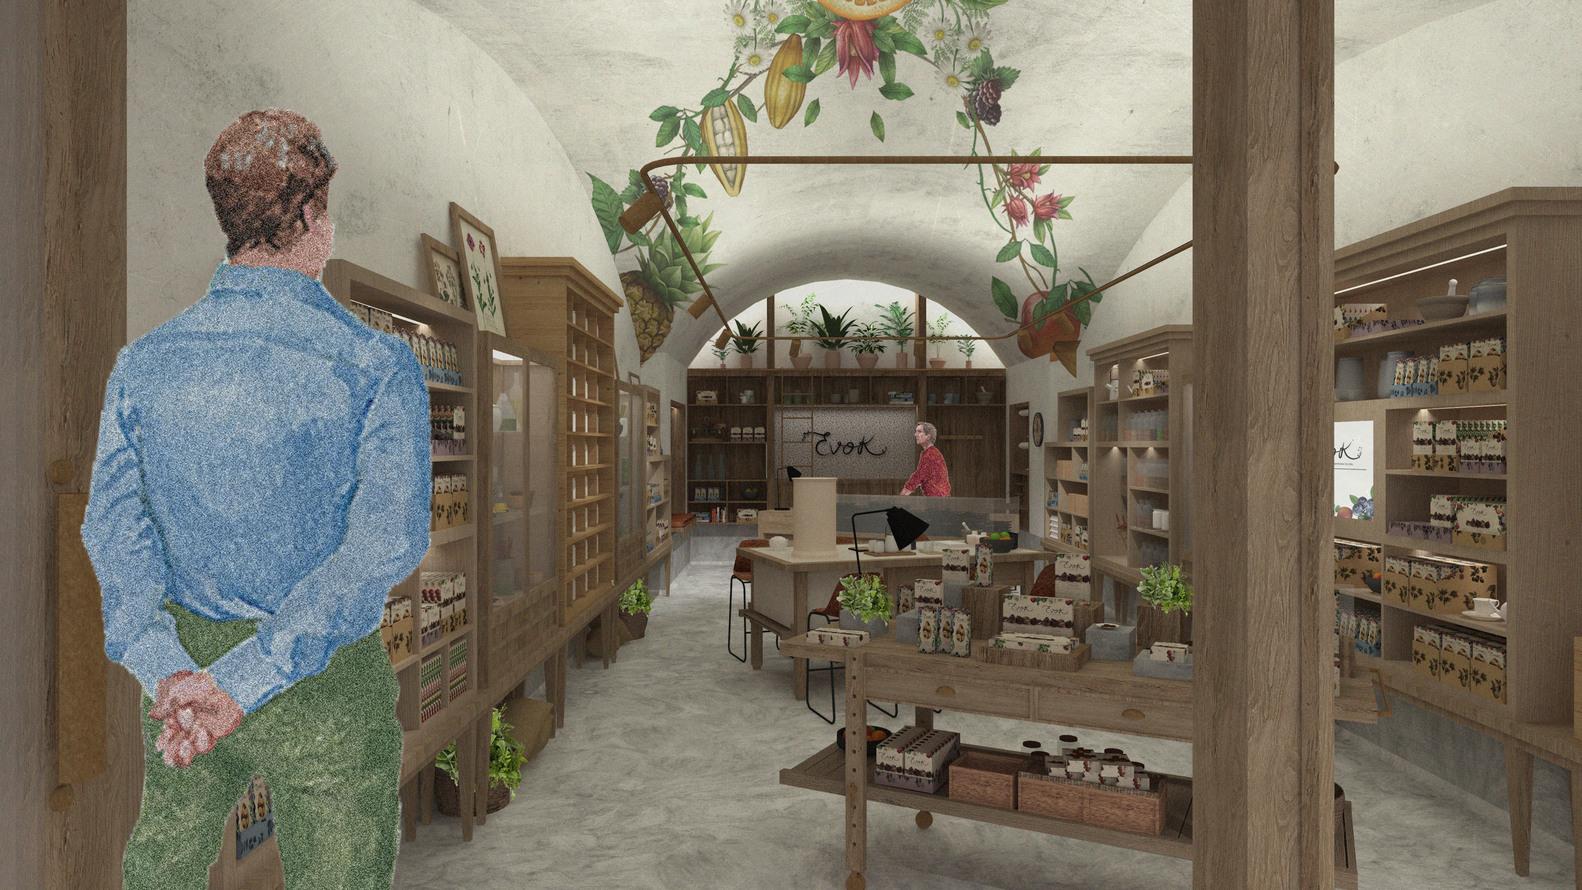 Galería de Tienda EVOK   Yemail Arquitectura - 23 4ee2f7896d